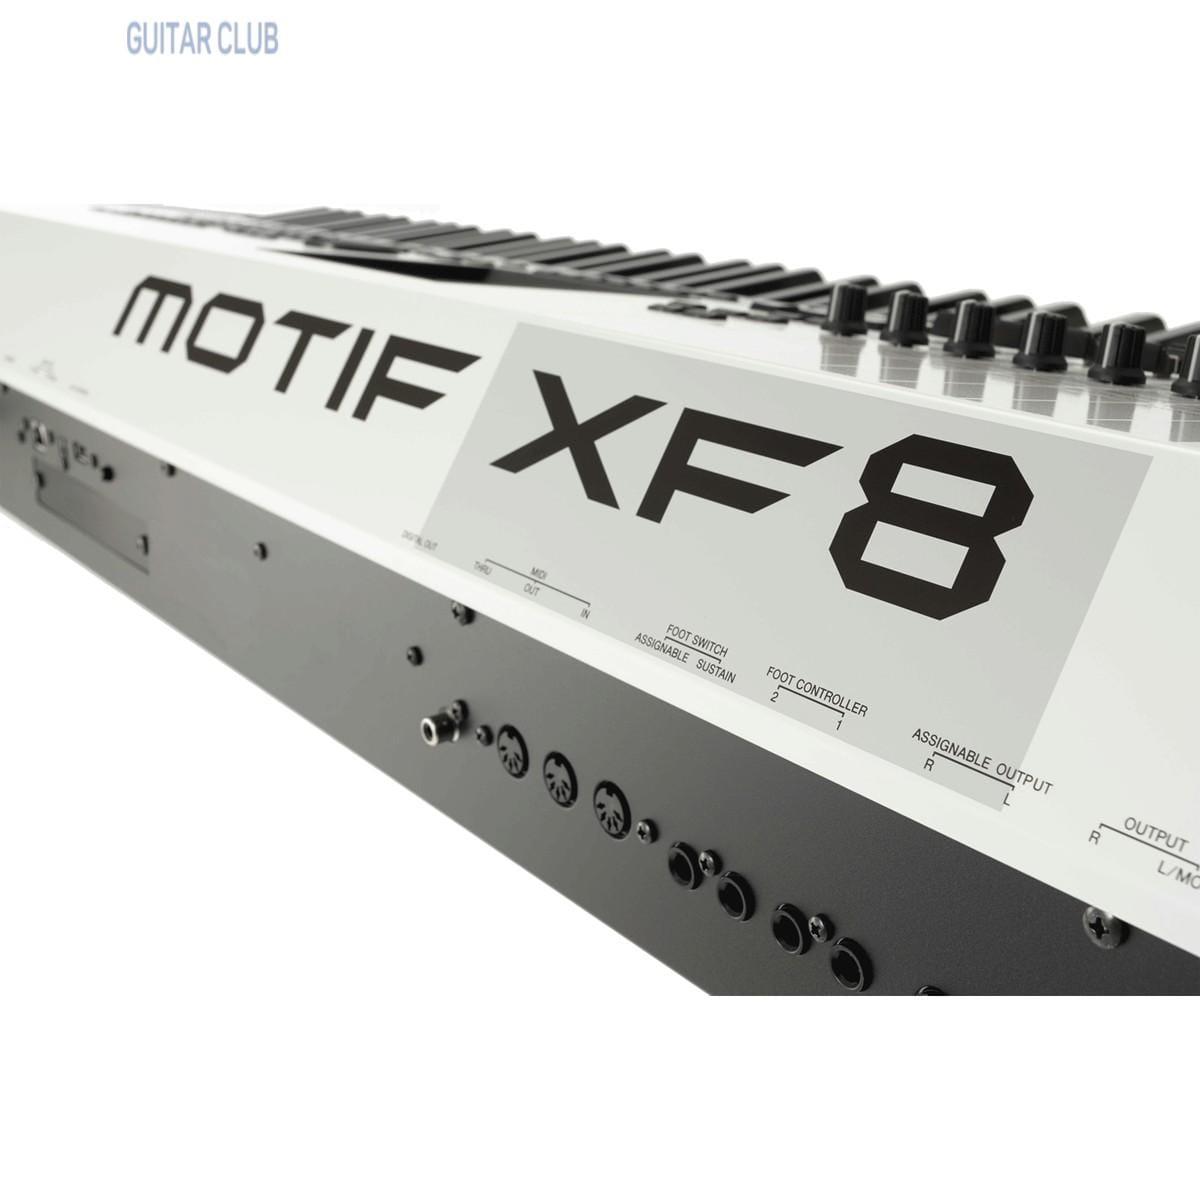 Рабочая станция Yamaha MOTIF XF8 Фото 6